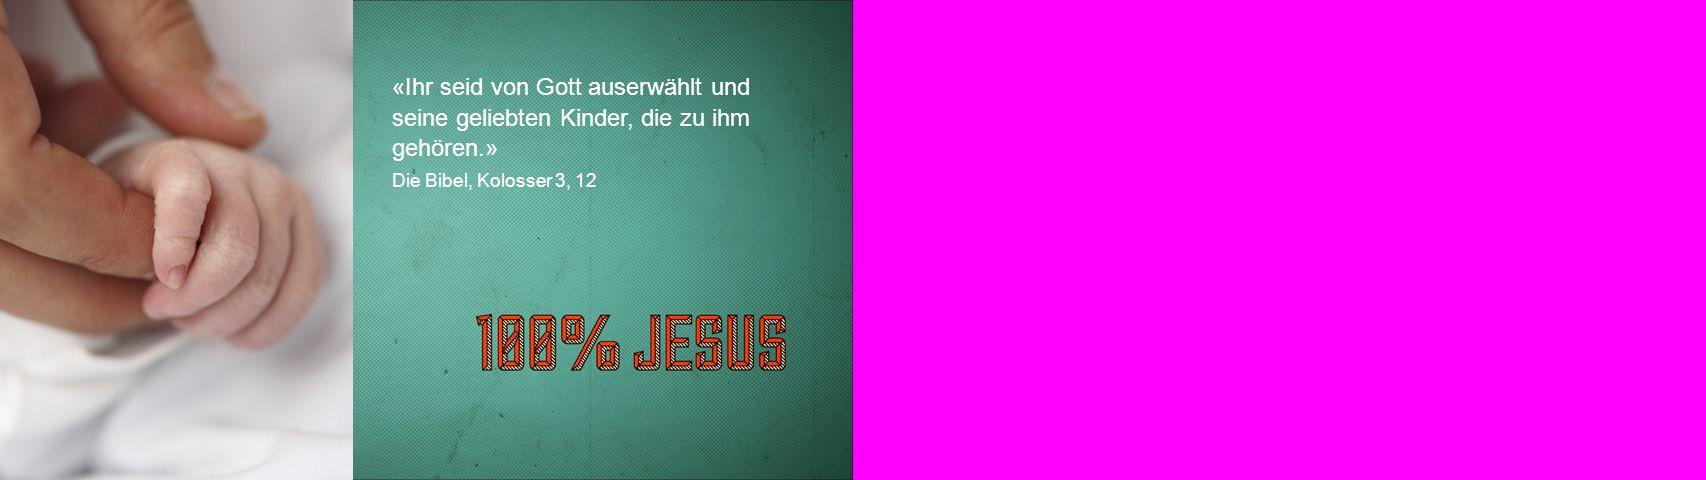 «Ihr seid von Gott auserwählt und seine geliebten Kinder, die zu ihm gehören.» Die Bibel, Kolosser 3, 12